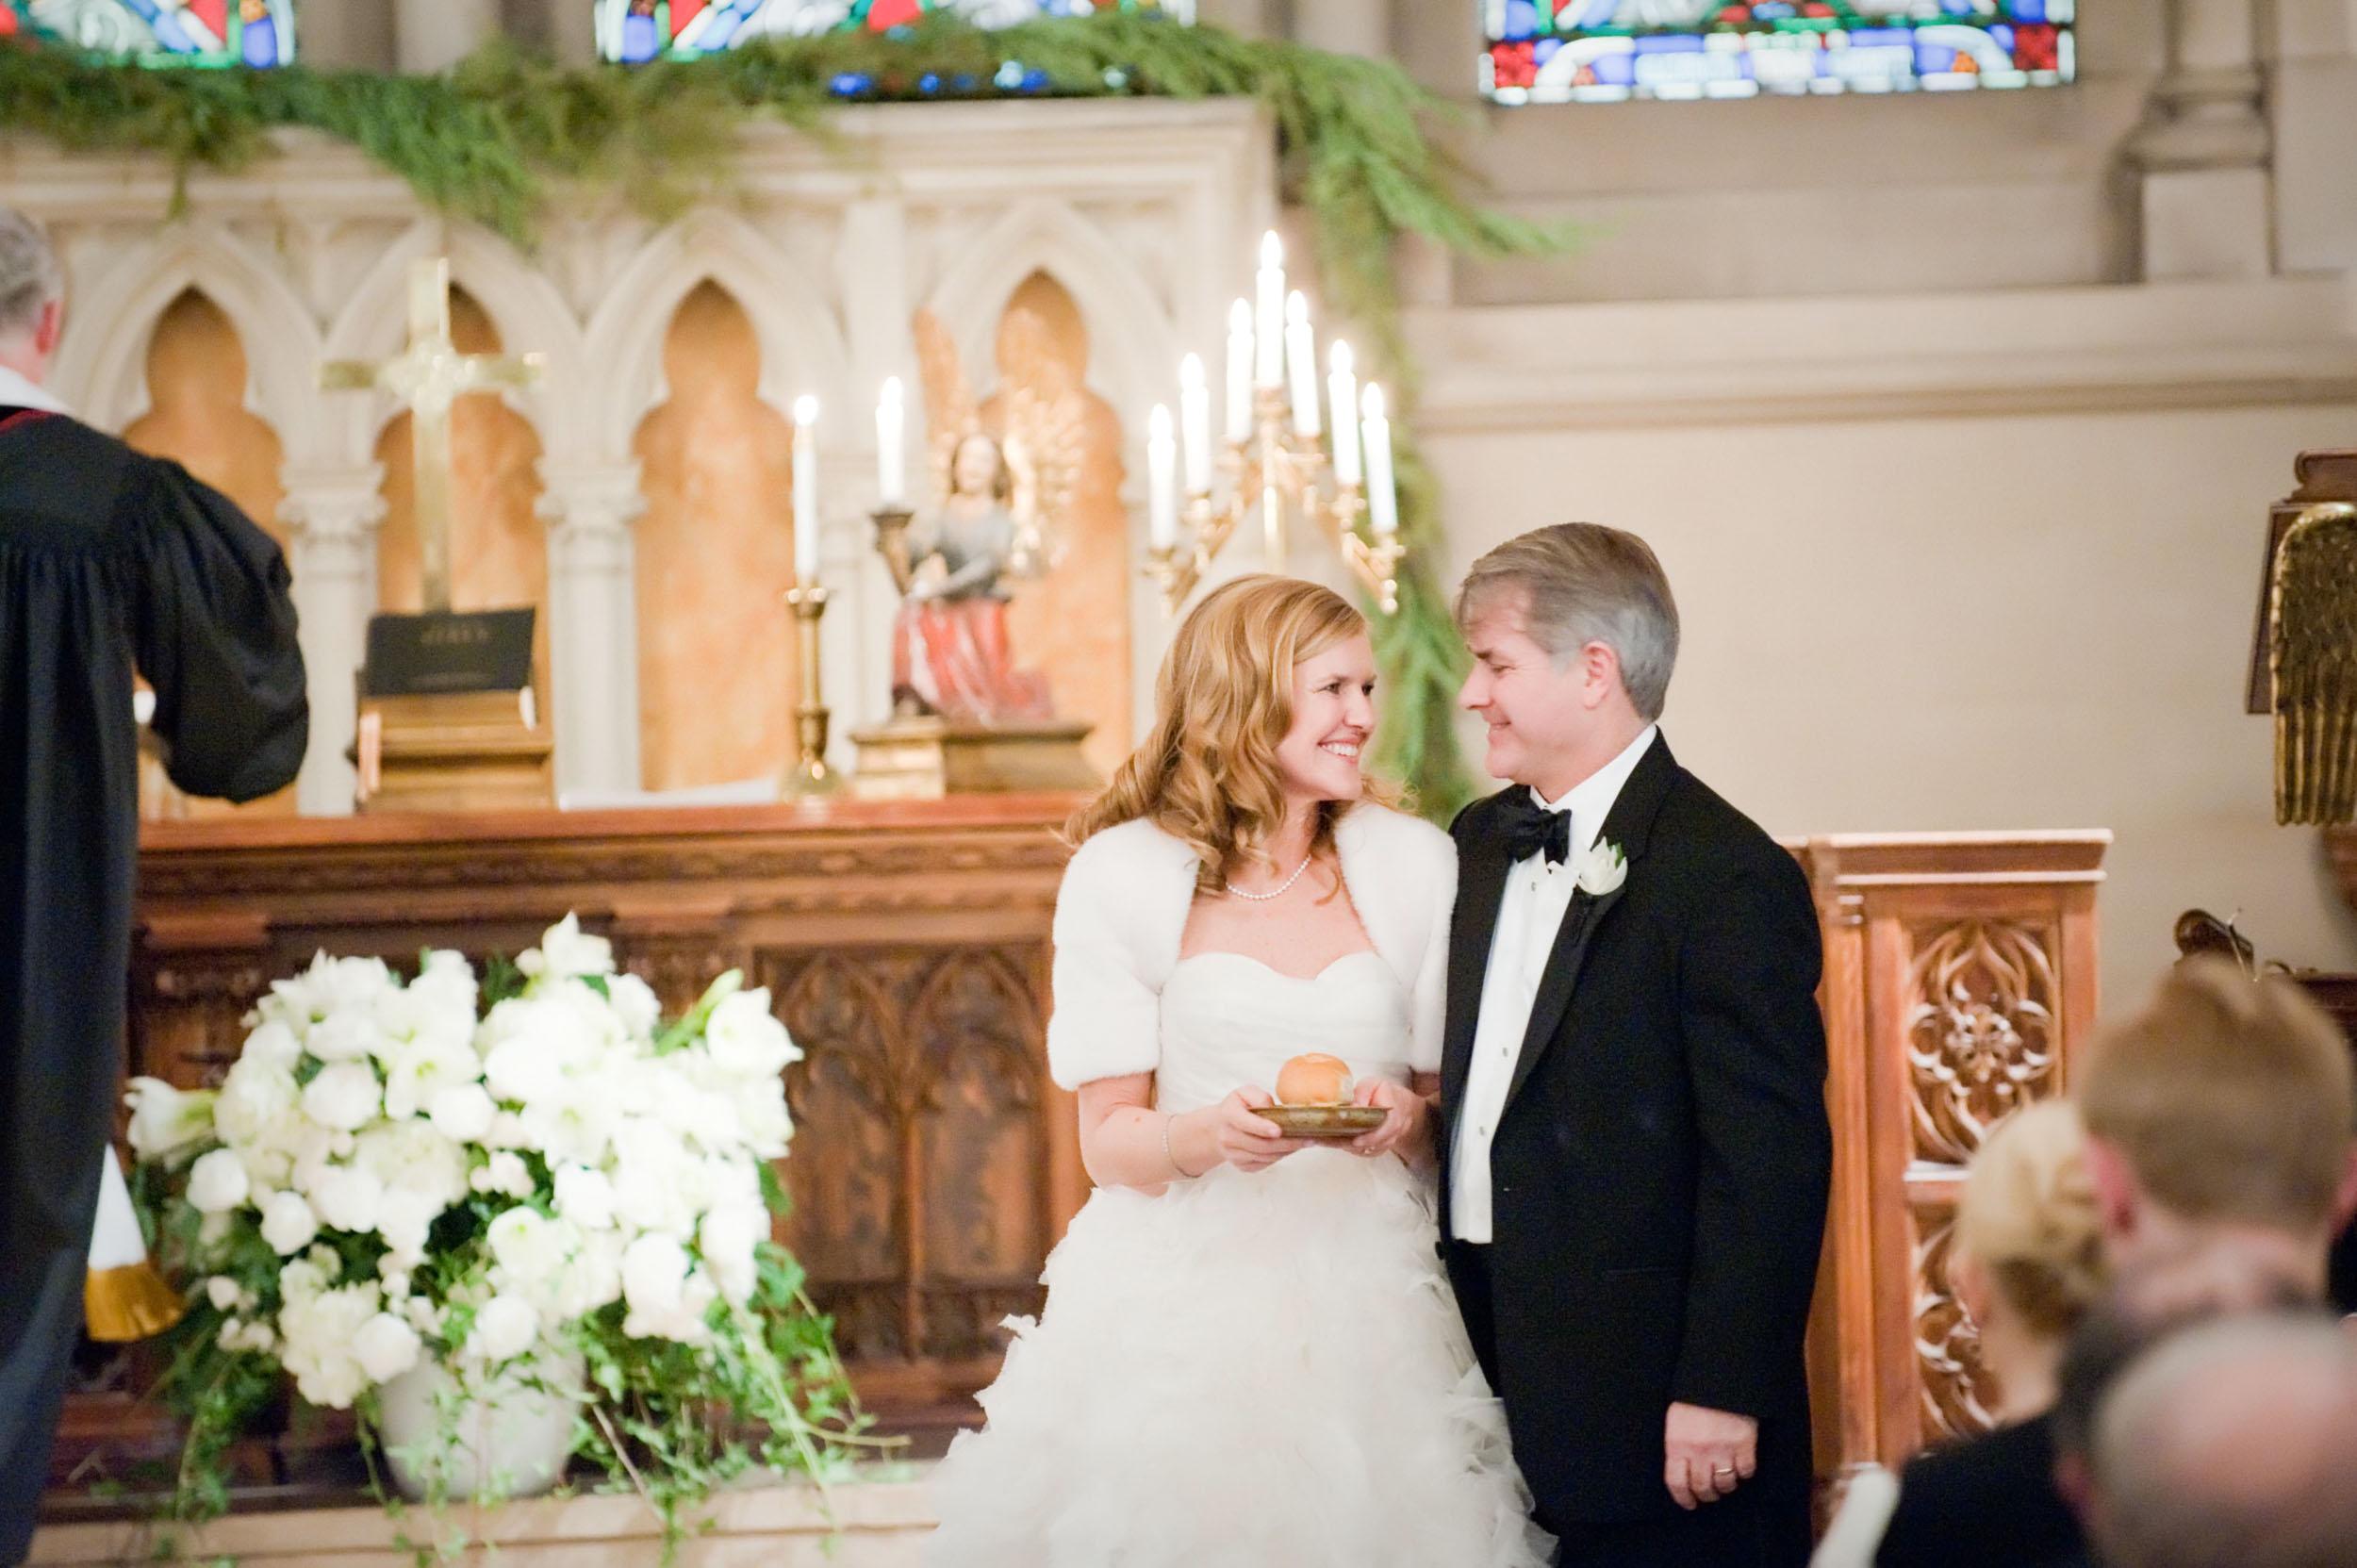 Wedding42BetsySteve-271-Edit-2.jpg